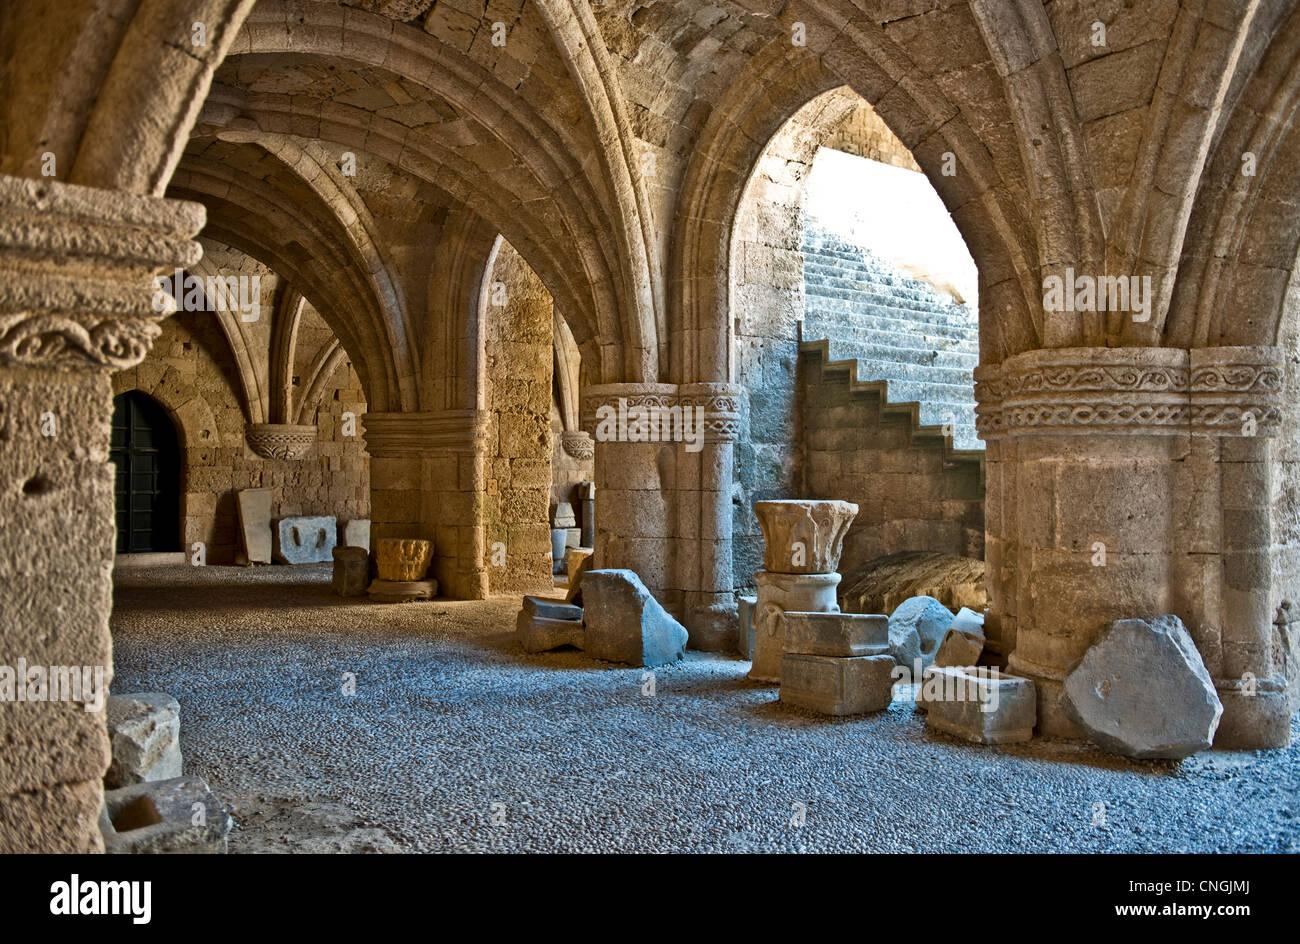 Europa-Griechenland, Dodekanes Inseln, Rhodos, das ehemalige Krankenhaus von St. John's-Ritter, museum Stockbild